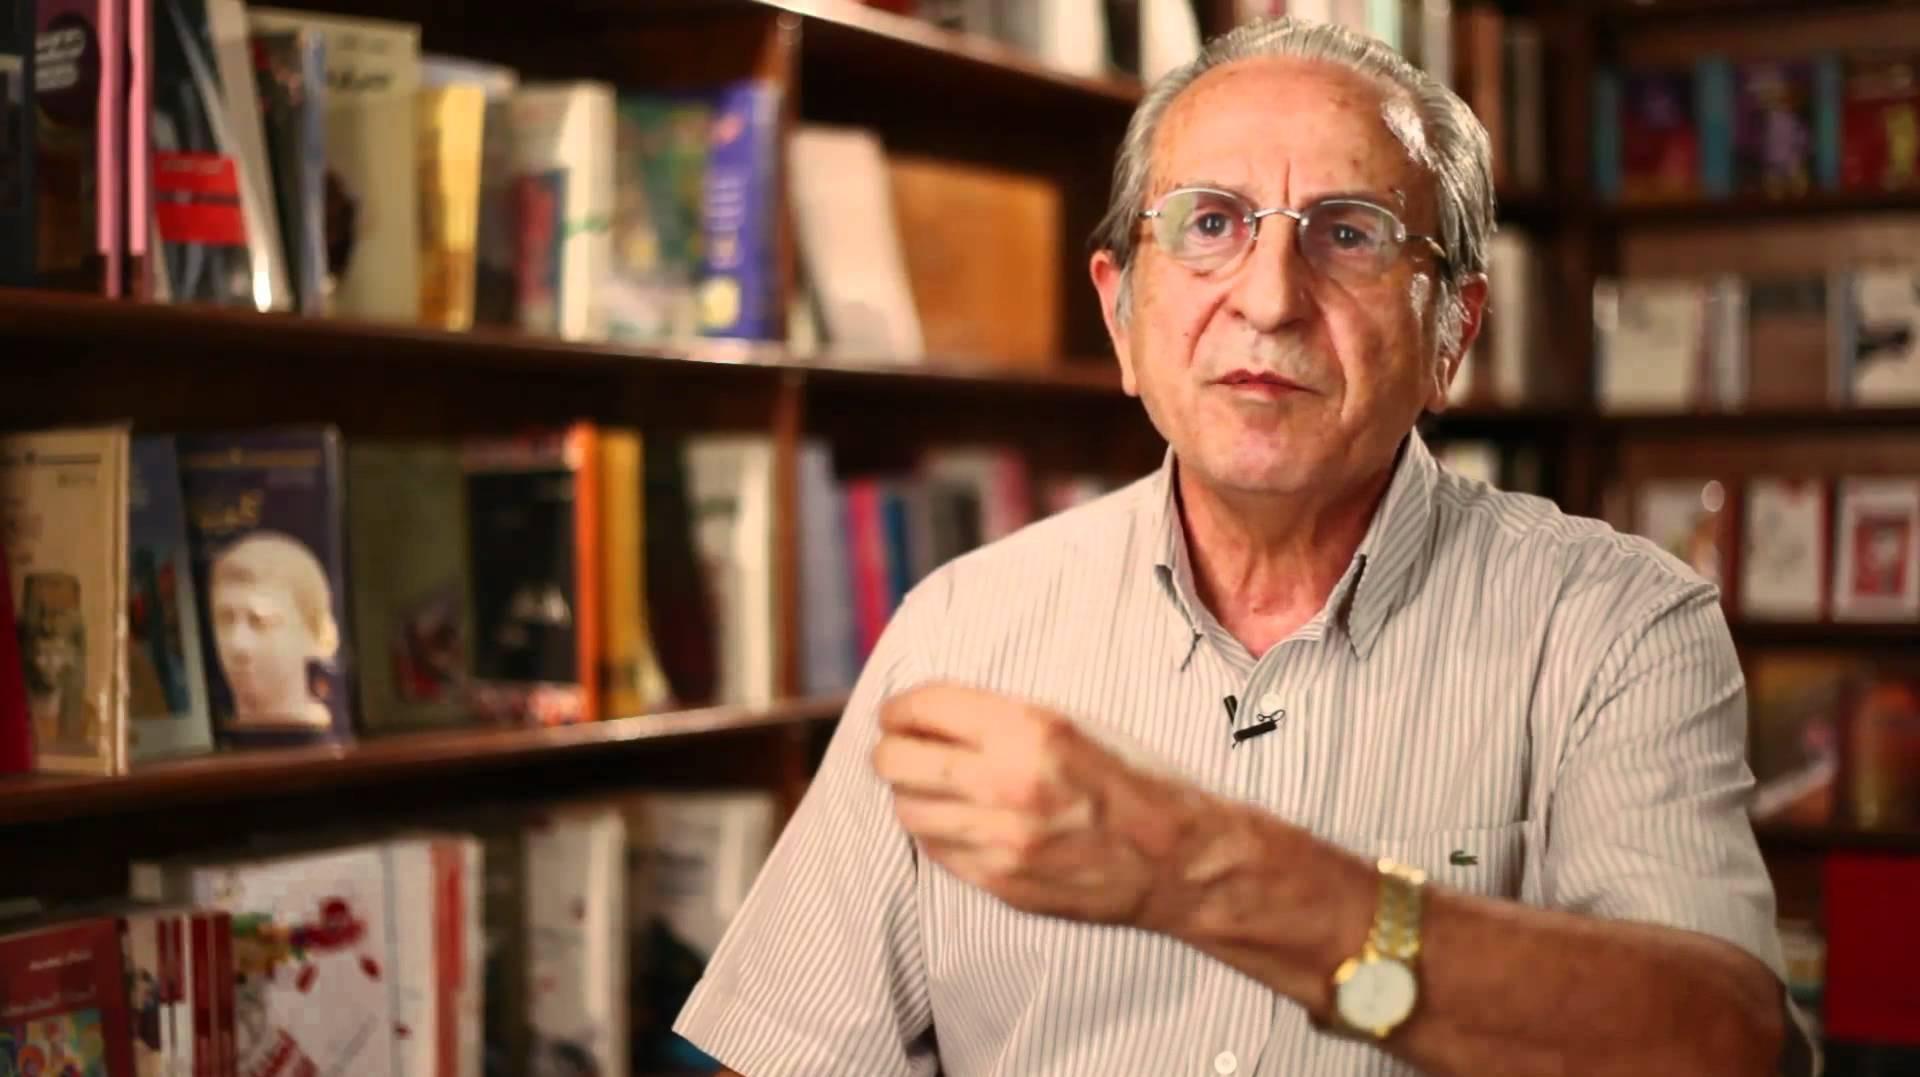 المخرج علي بدر خان يحصد جائزة النيل 2017